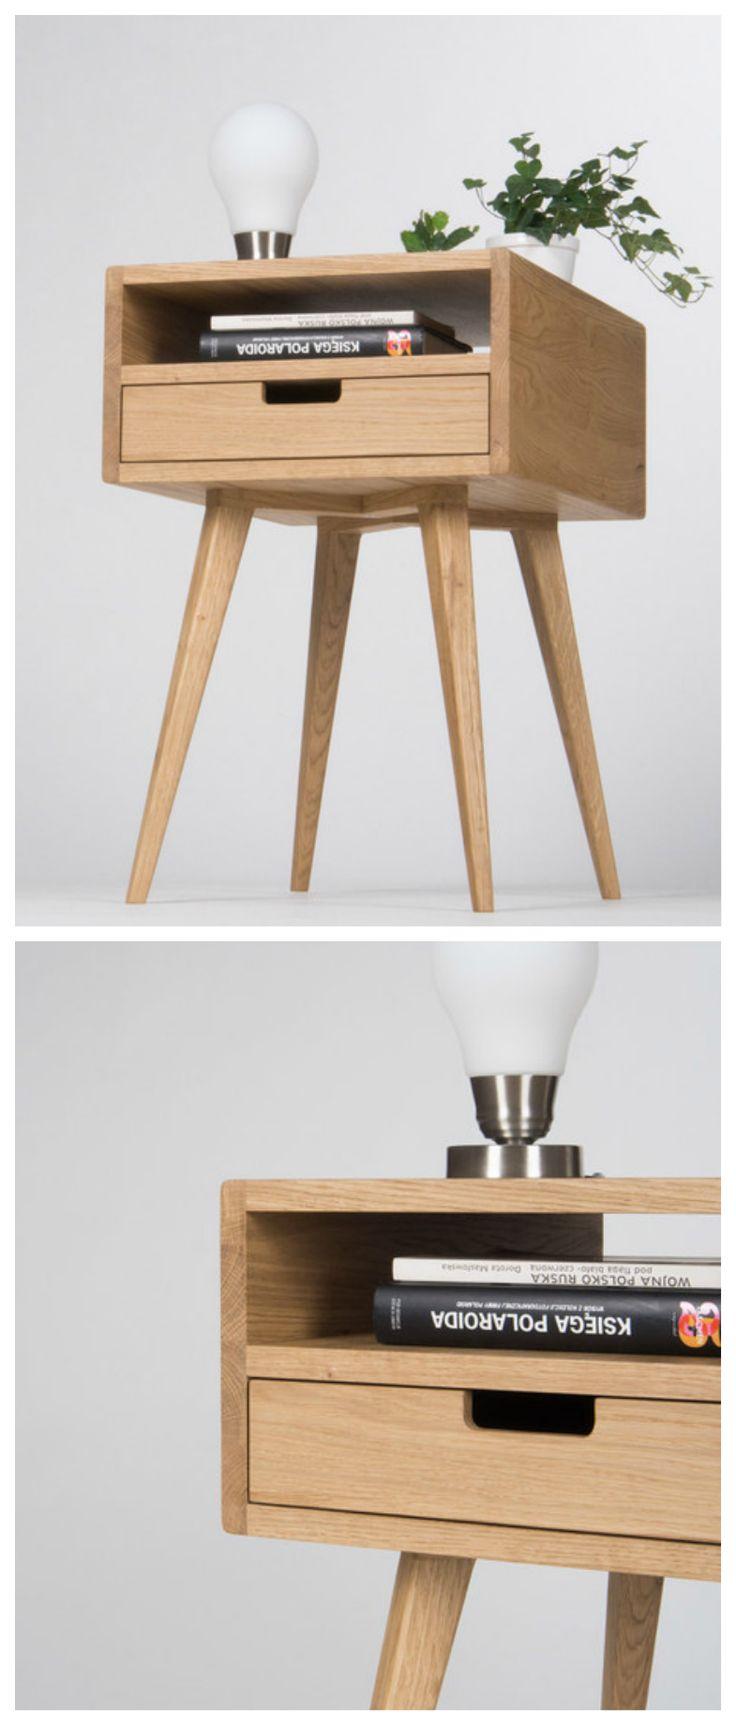 Minimalistisch Wohnen: Kleines Nachtschränkchen Aus Massivem Holz In  Skandinavischem Design/ Scandinavian Design: Small